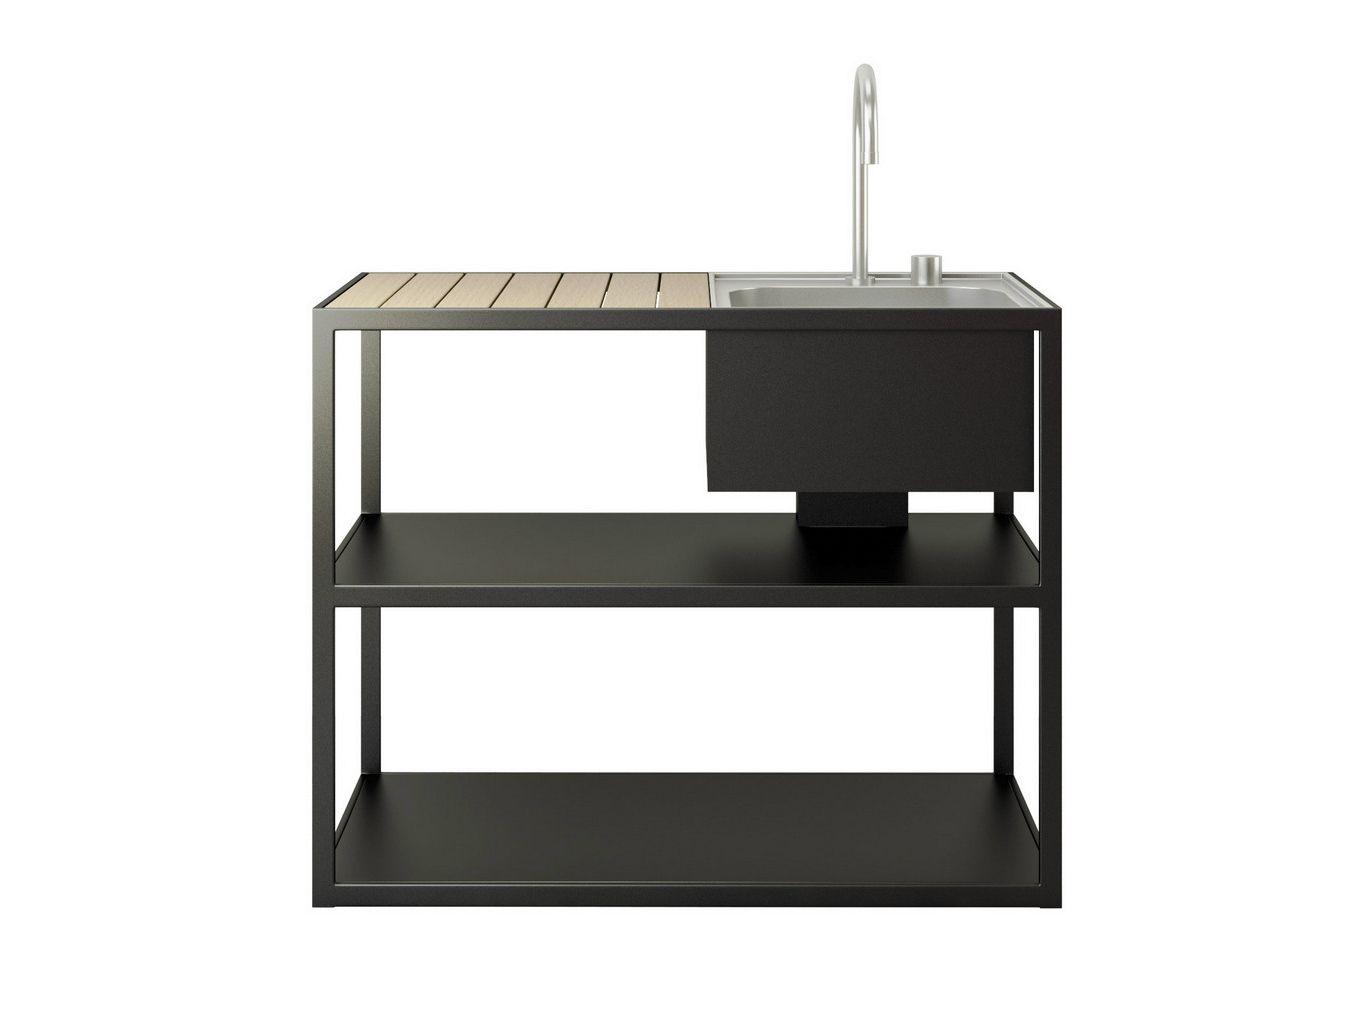 meuble vier pour l 39 ext rieur barbecues et accessoires. Black Bedroom Furniture Sets. Home Design Ideas